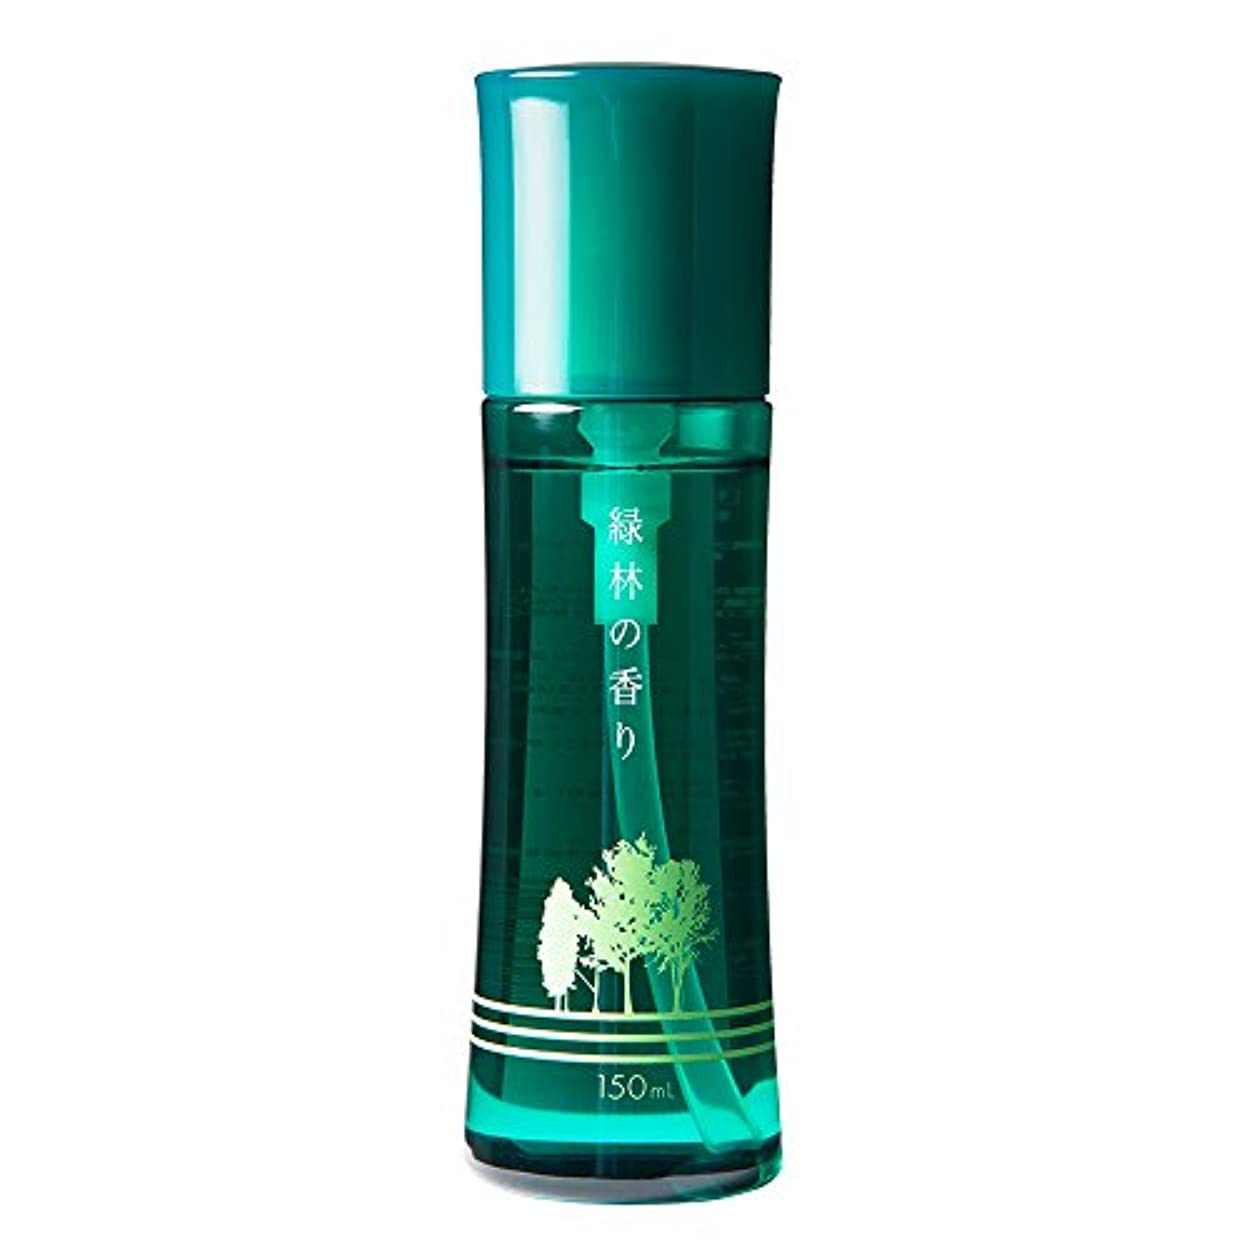 コールド胃インターネット芳香剤「緑林の香り(みどりの香り)」150mL 日本予防医薬